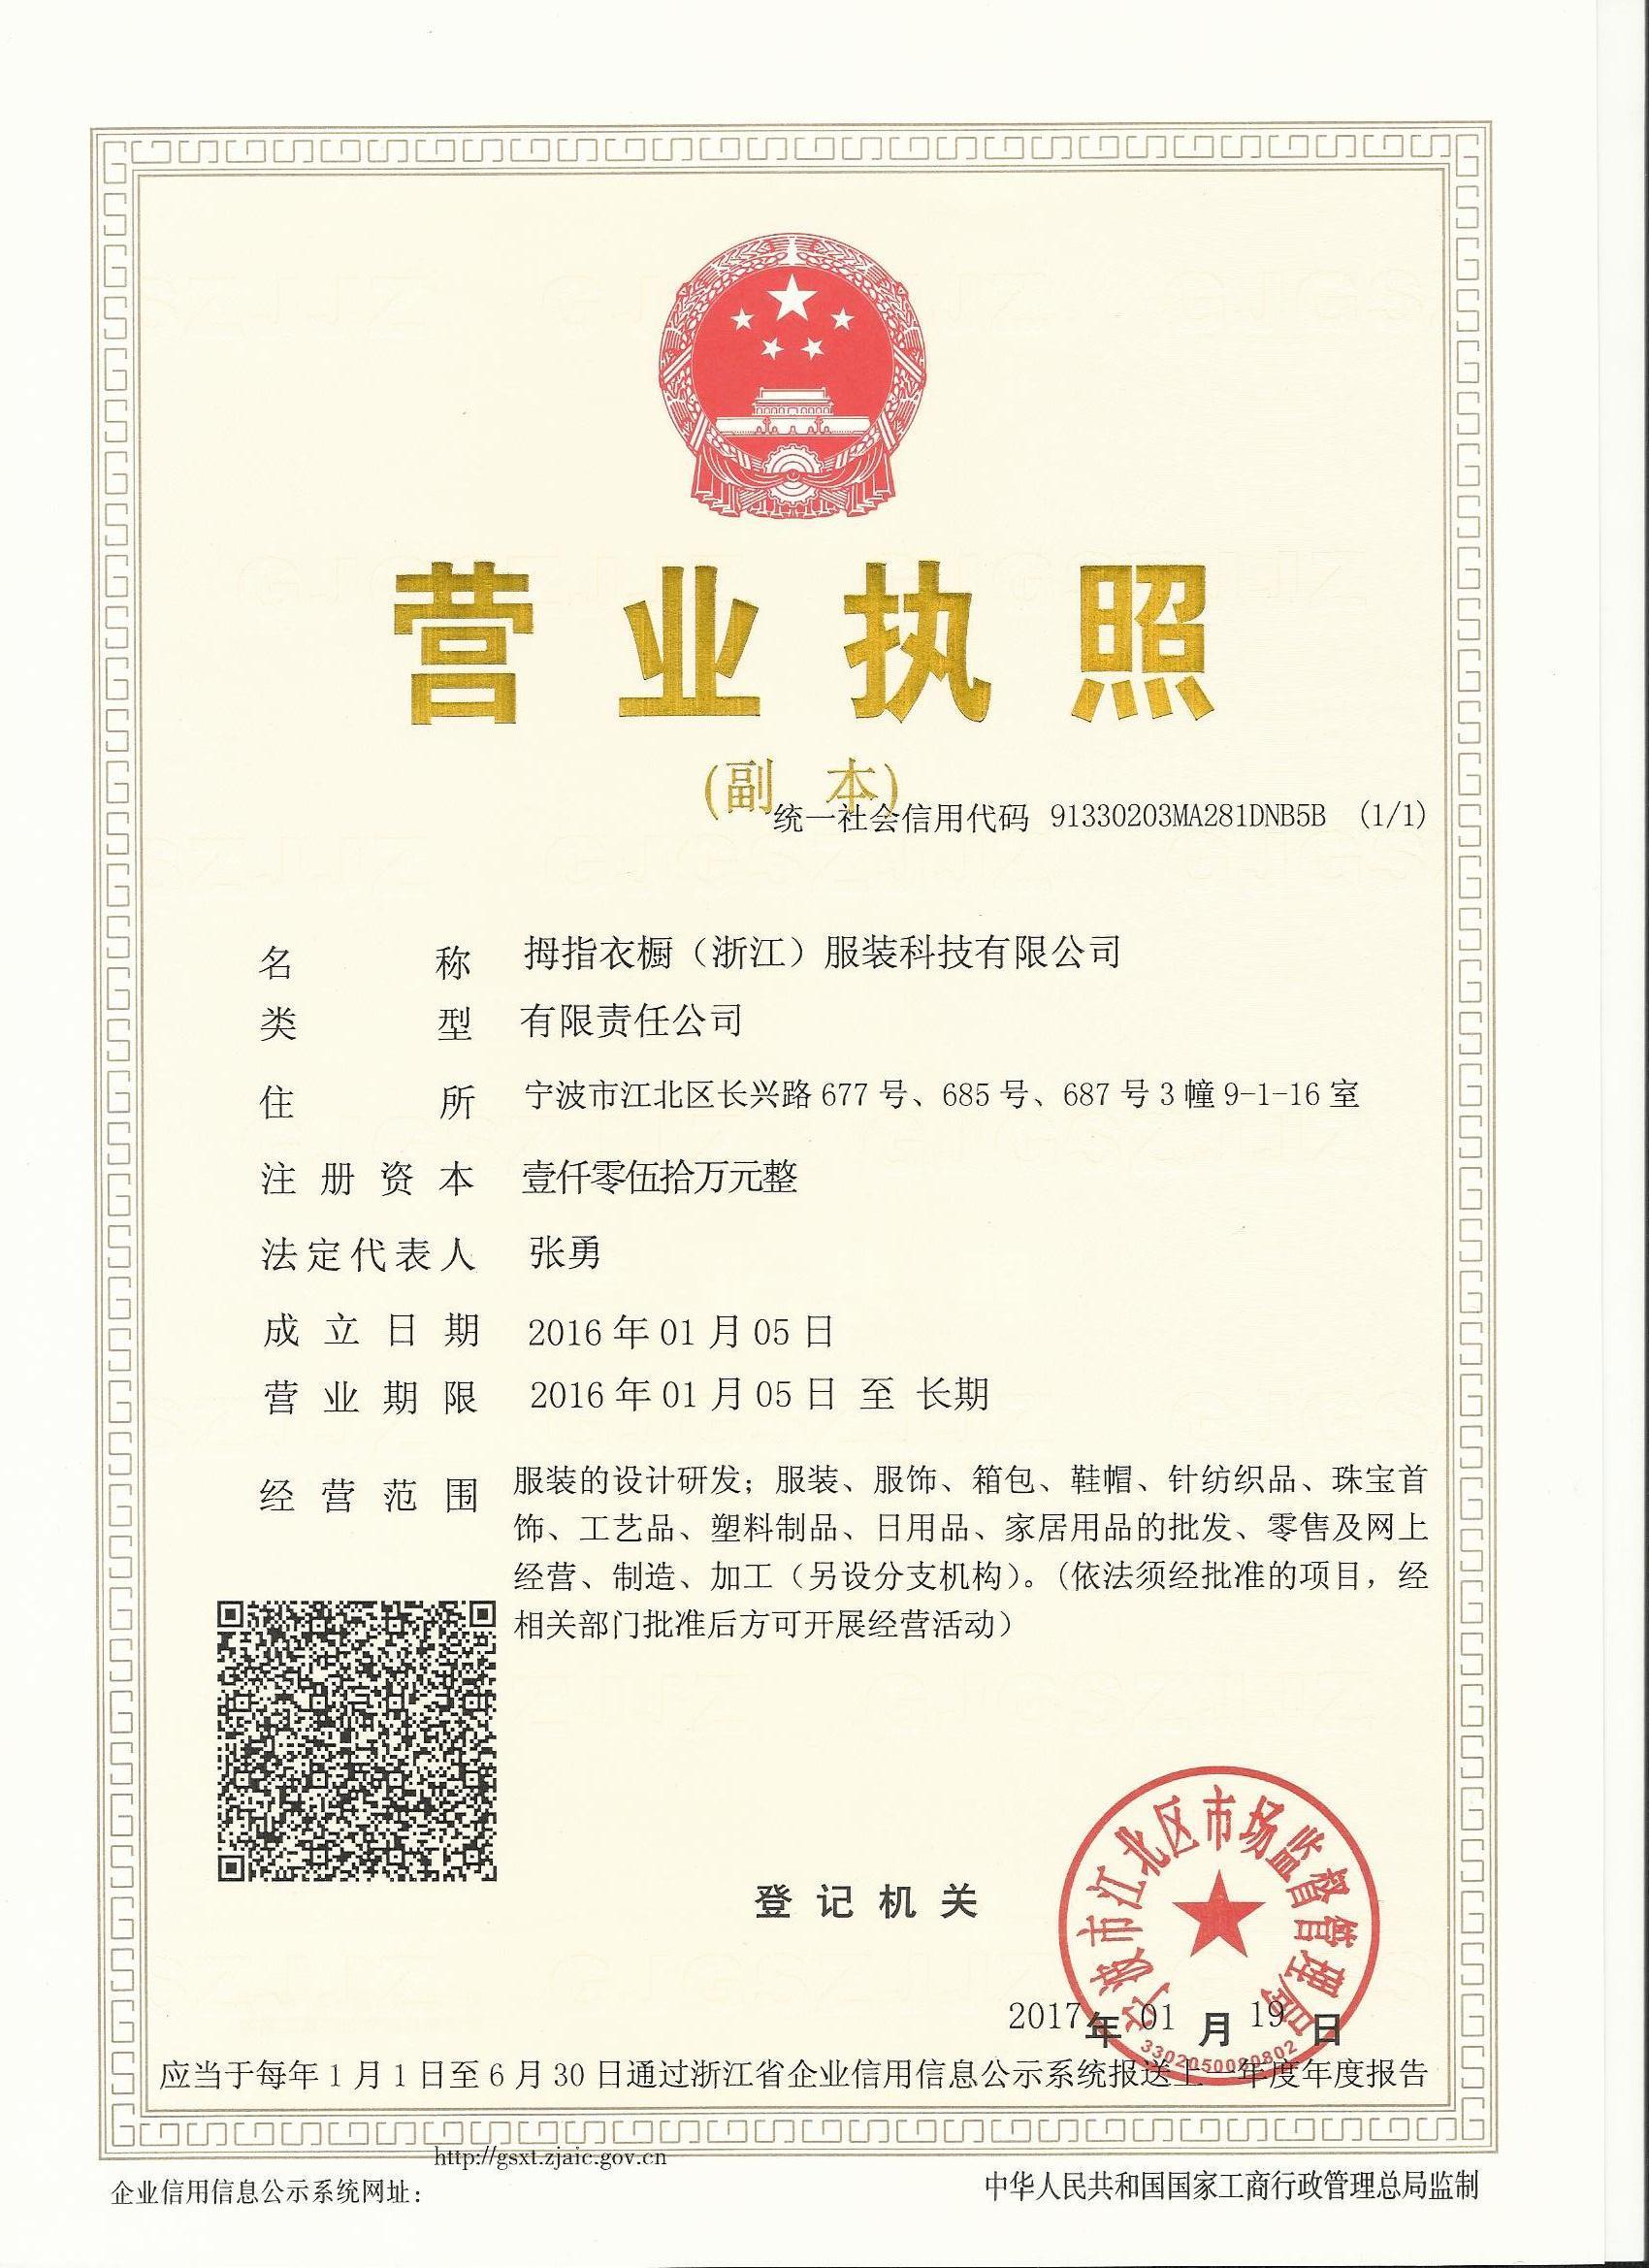 拇指衣橱(浙江)服装科技有限公司logo